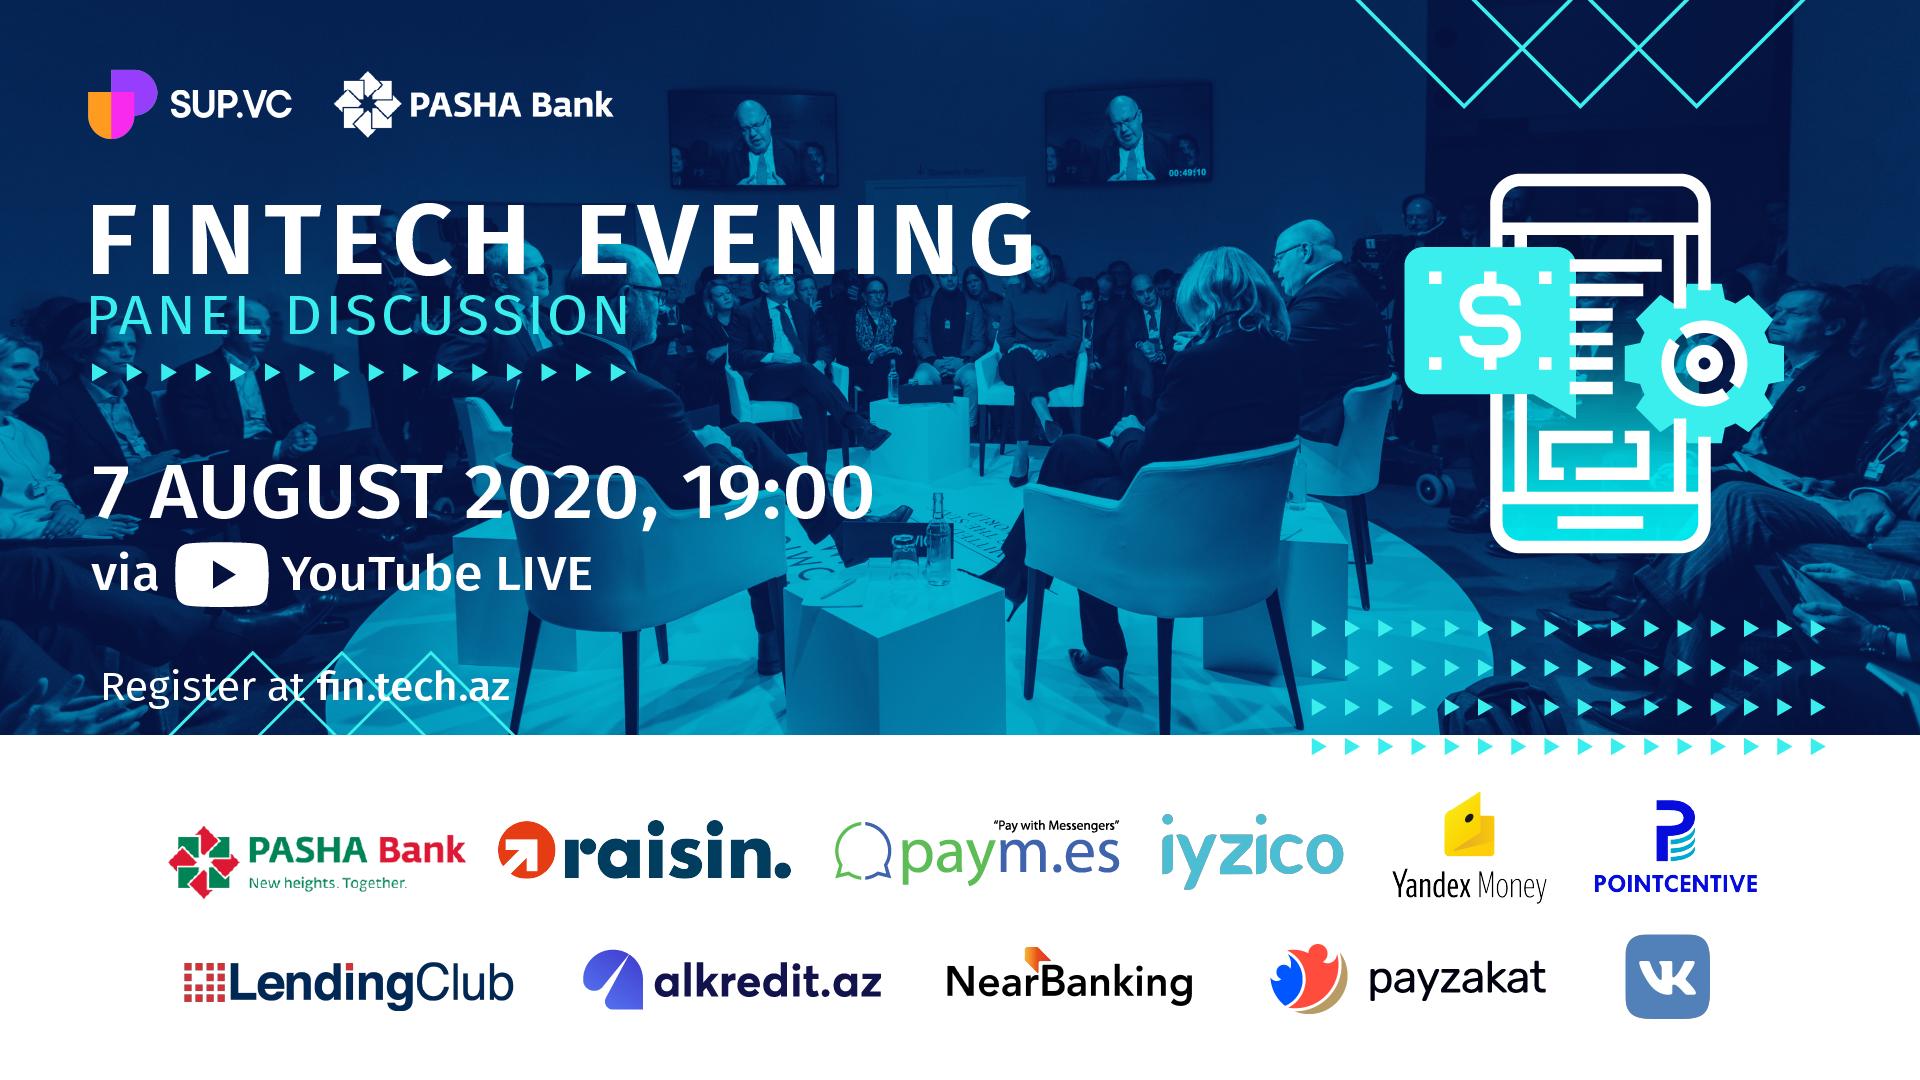 """SUP.VC şirkəti və PAŞA Bankın birgə təşkilatçılığı ilə """"International Fintech Evening"""" adlı tədbir həyata keçiriləcək"""